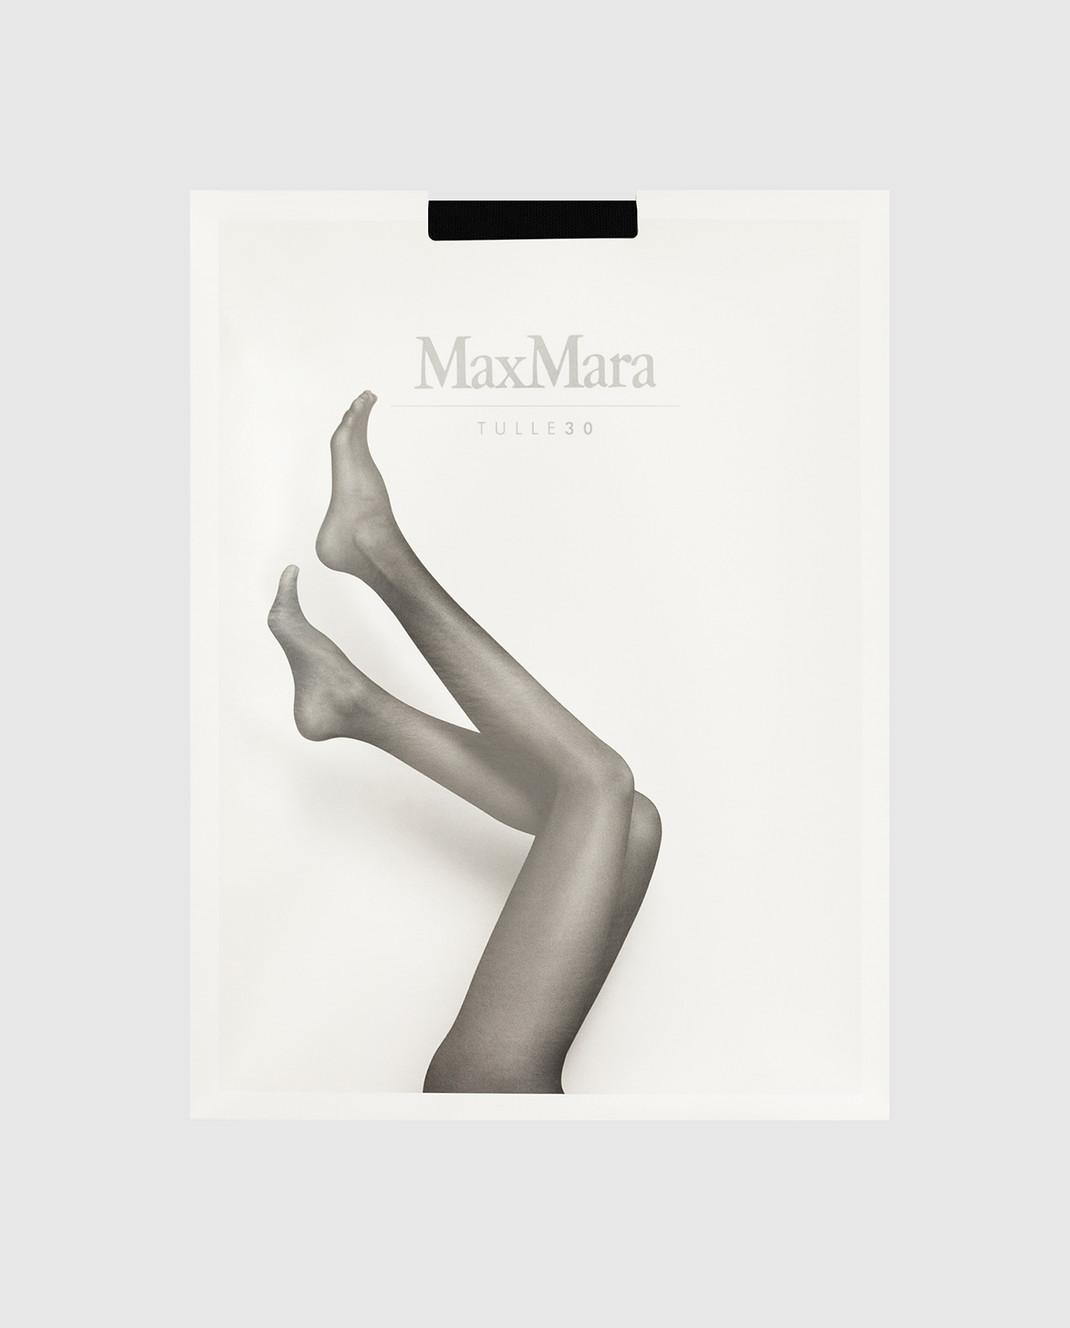 Max Mara Черные колготы 30 ден изображение 1